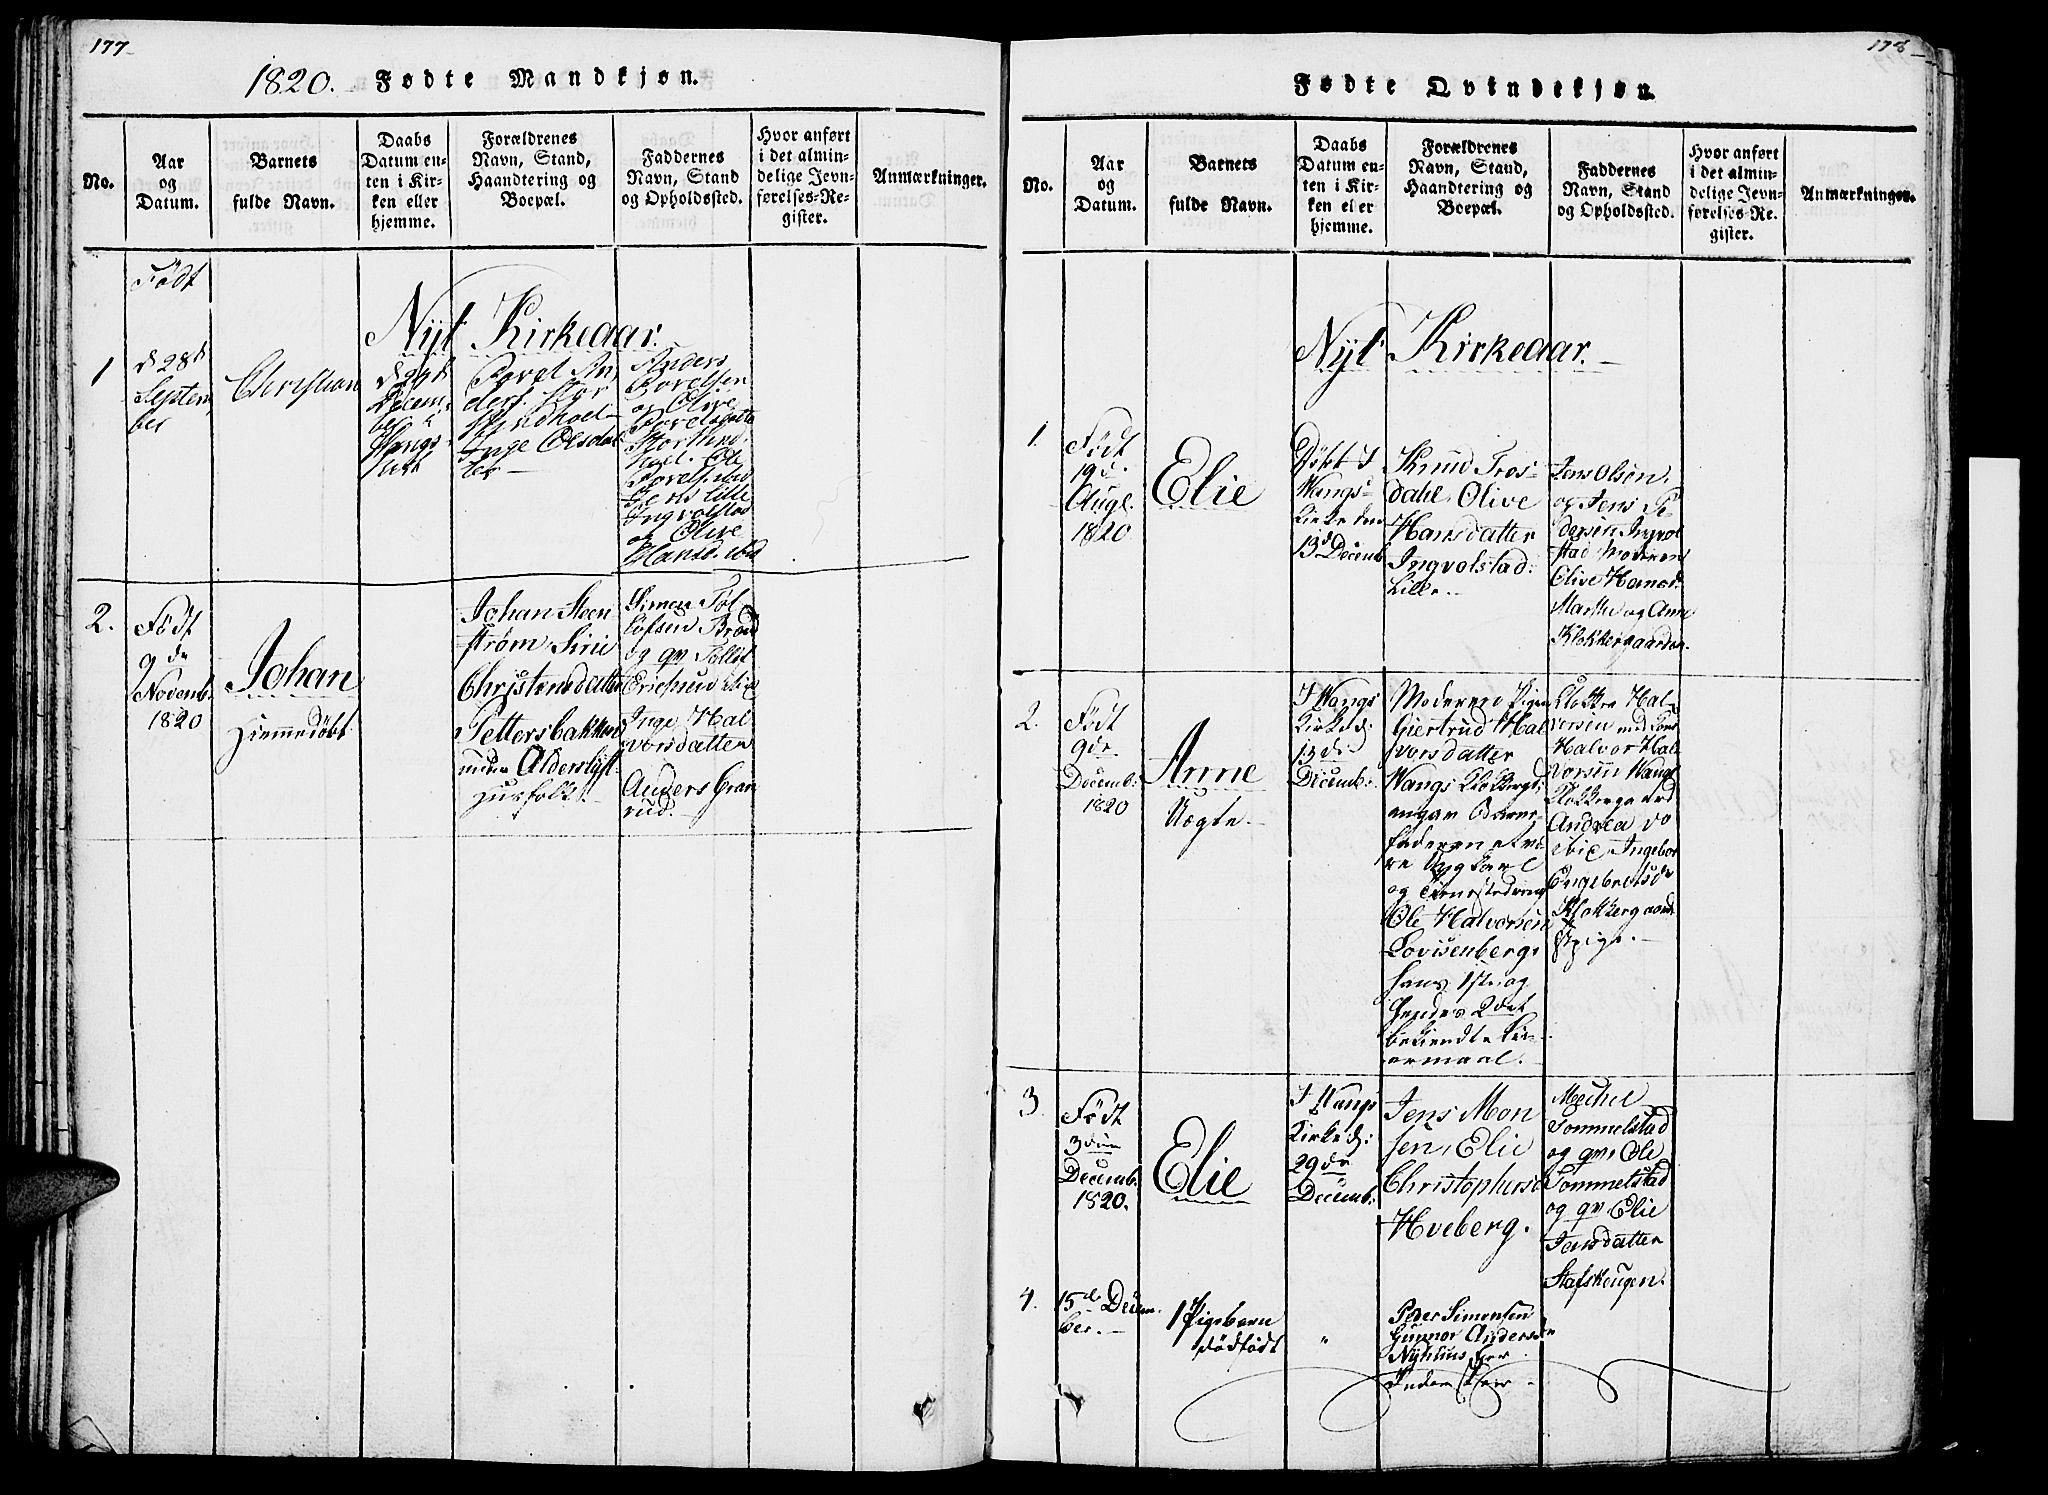 SAH, Vang prestekontor, Hedmark, H/Ha/Haa/L0007: Ministerialbok nr. 7, 1813-1826, s. 177-178